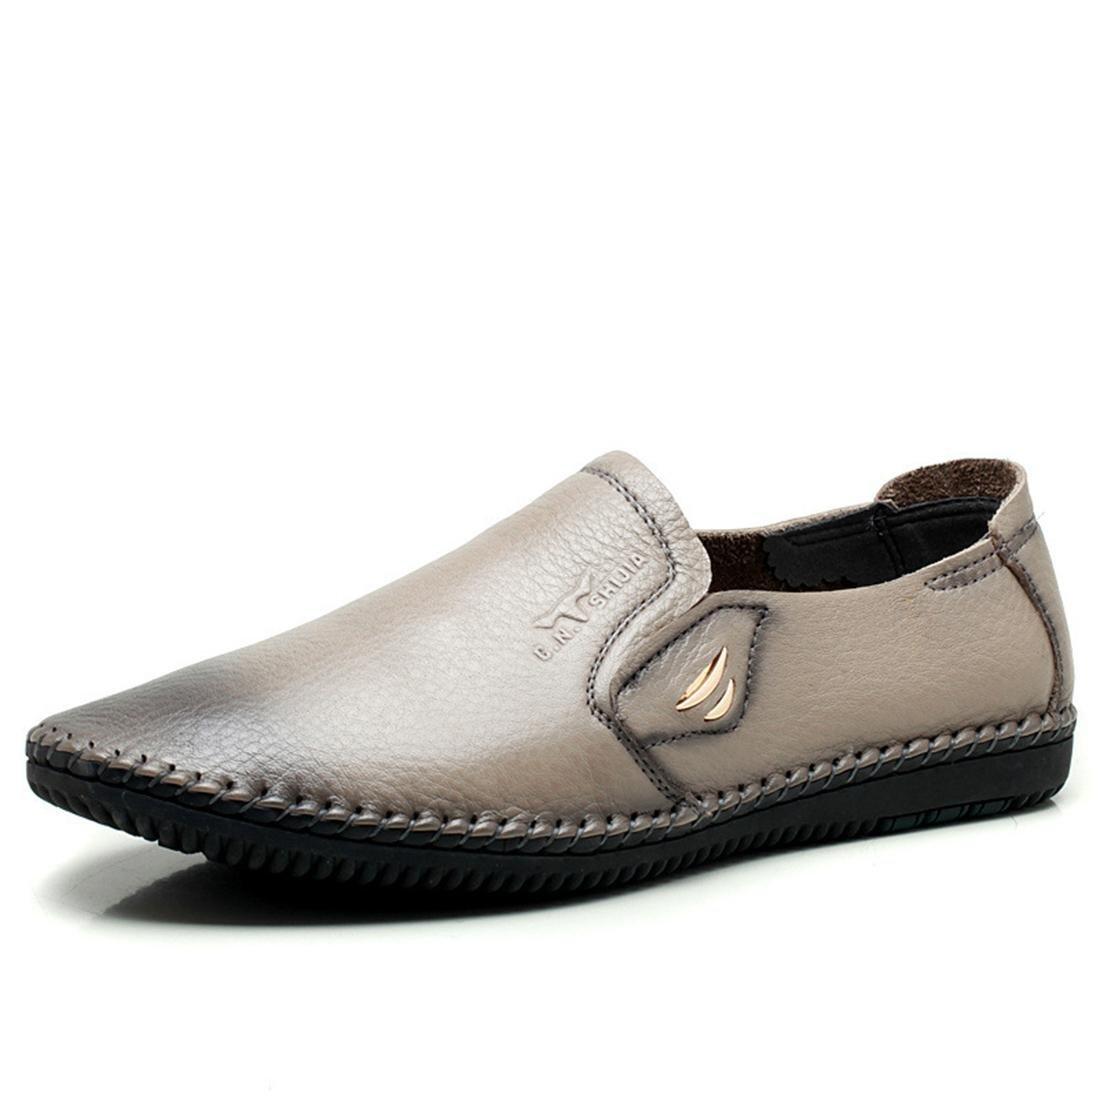 Herren Mode Freizeit Lederschuhe Licht Gemütlich Flache Schuhe Rutschfest Lässige Schuhe EUR GRÖSSE 38-44